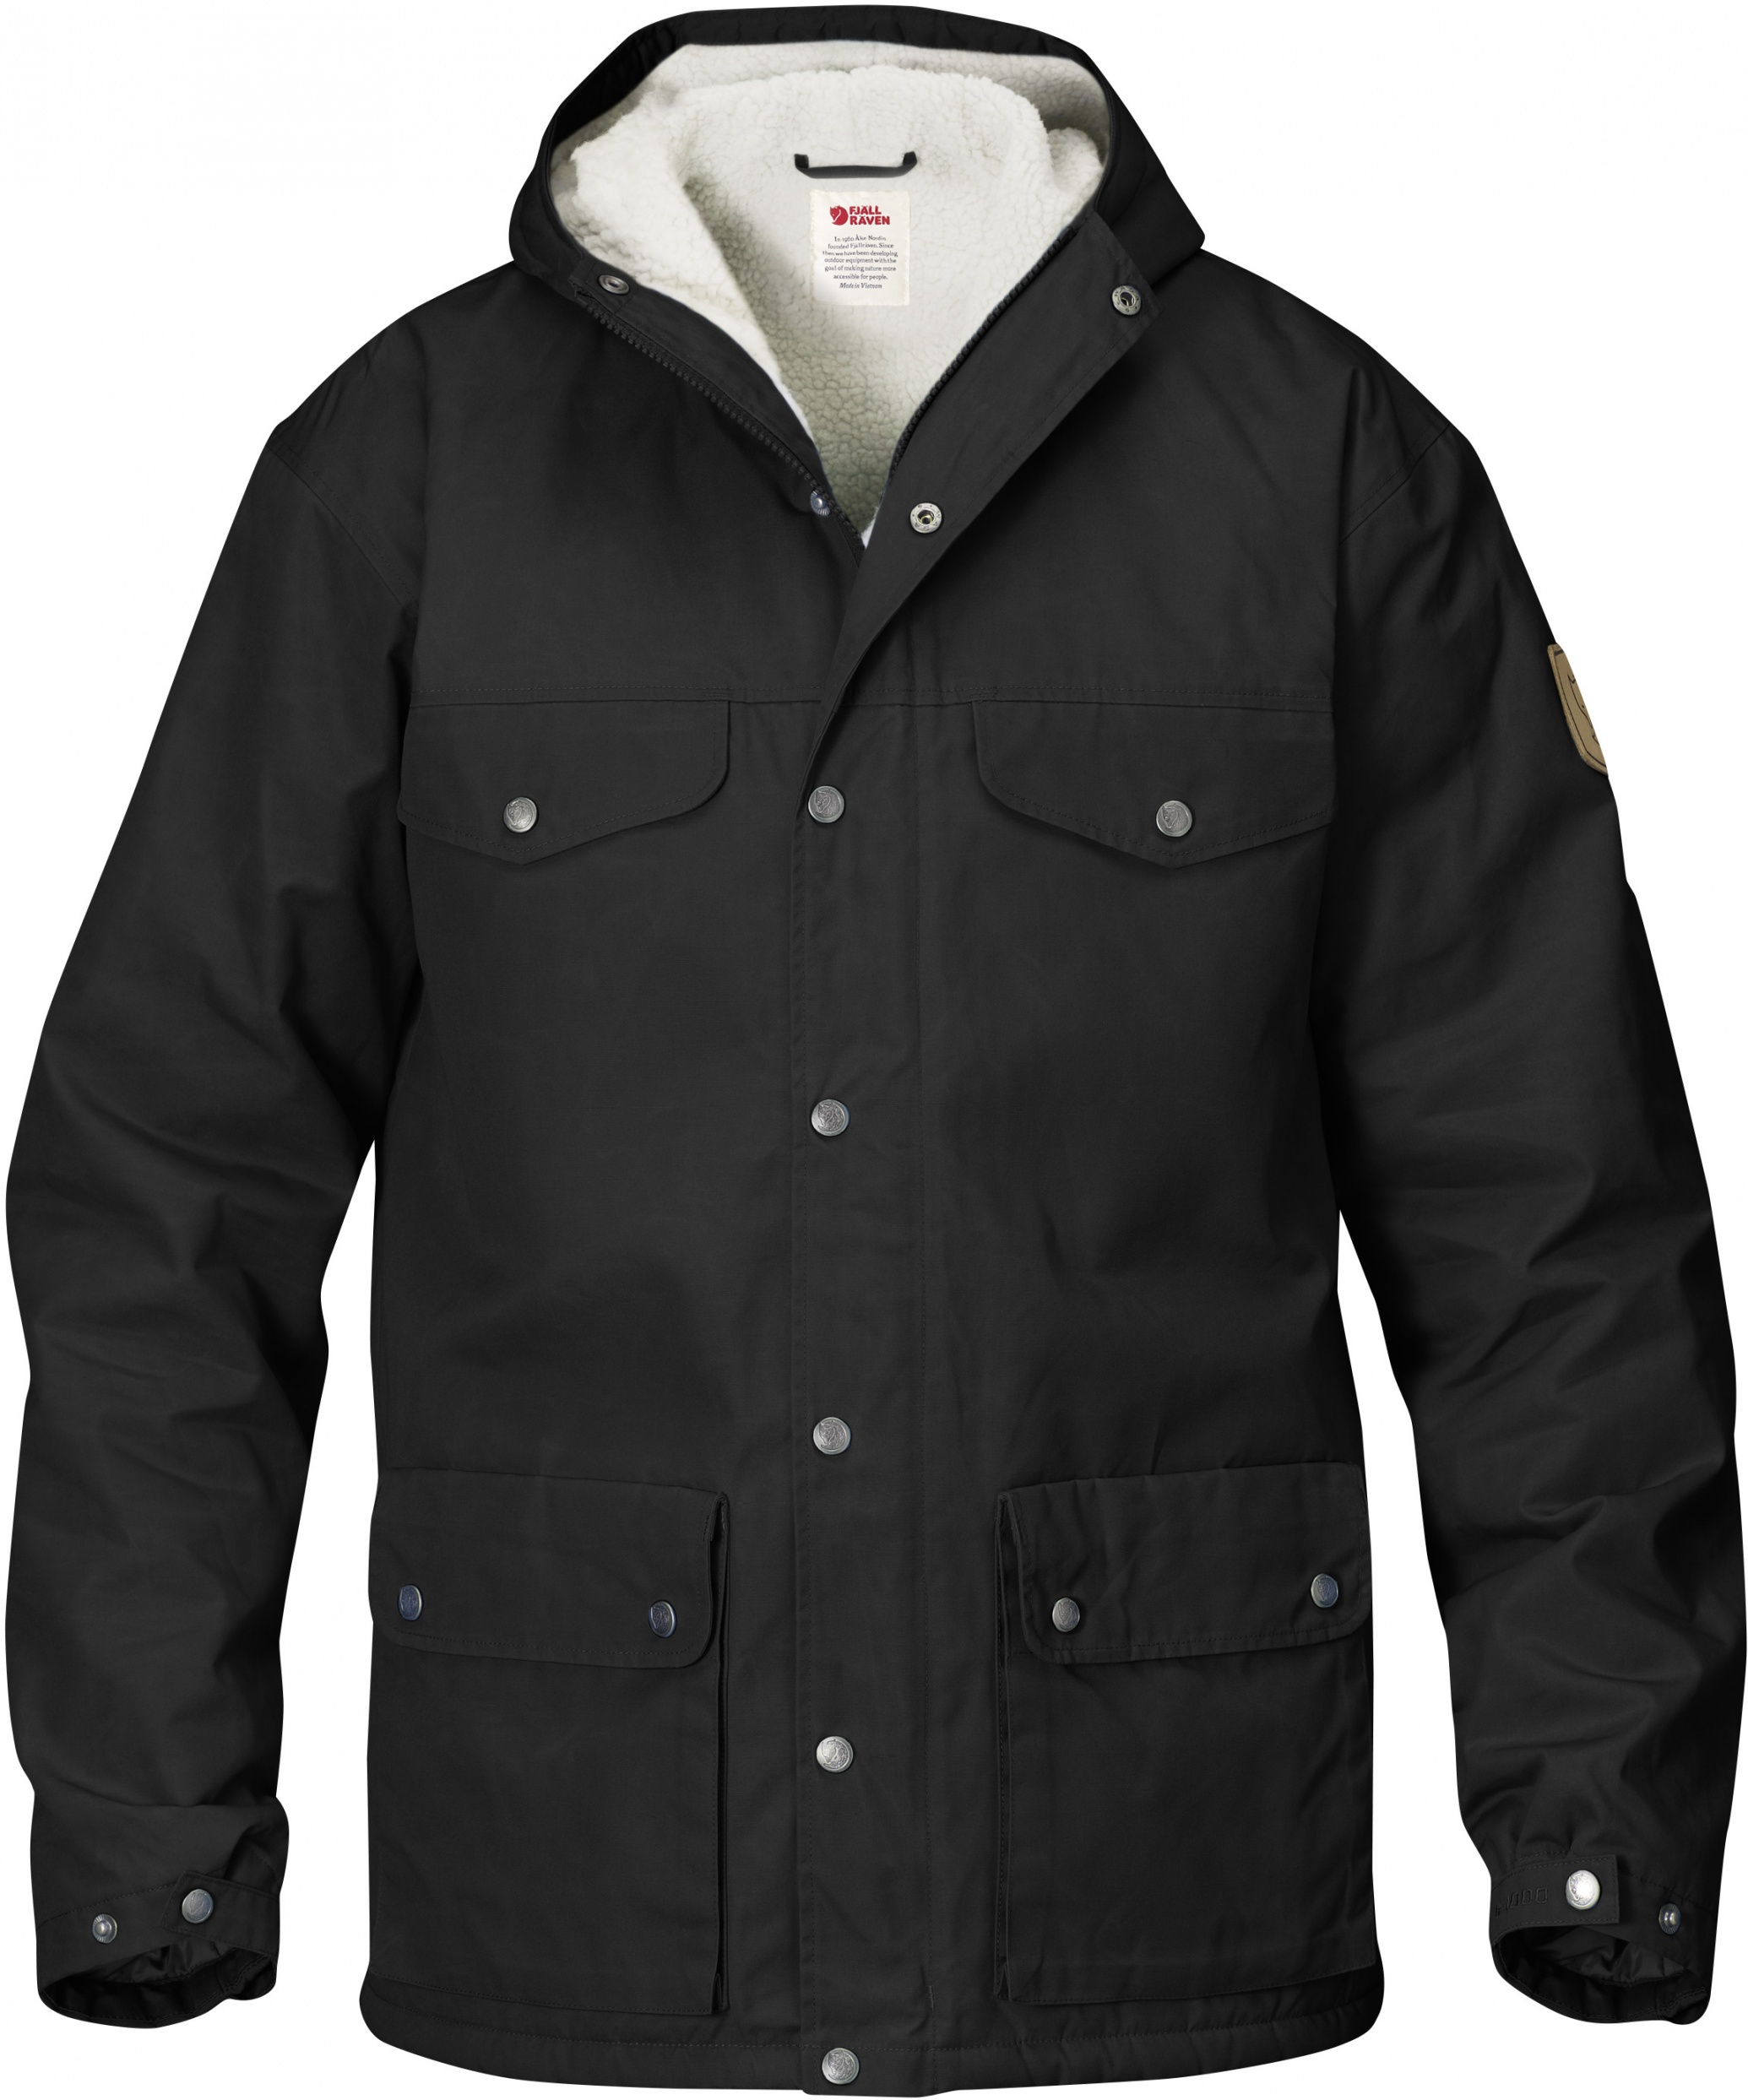 Fjällräven greenland winter jacket sort fra N/A på fiskegrej.dk